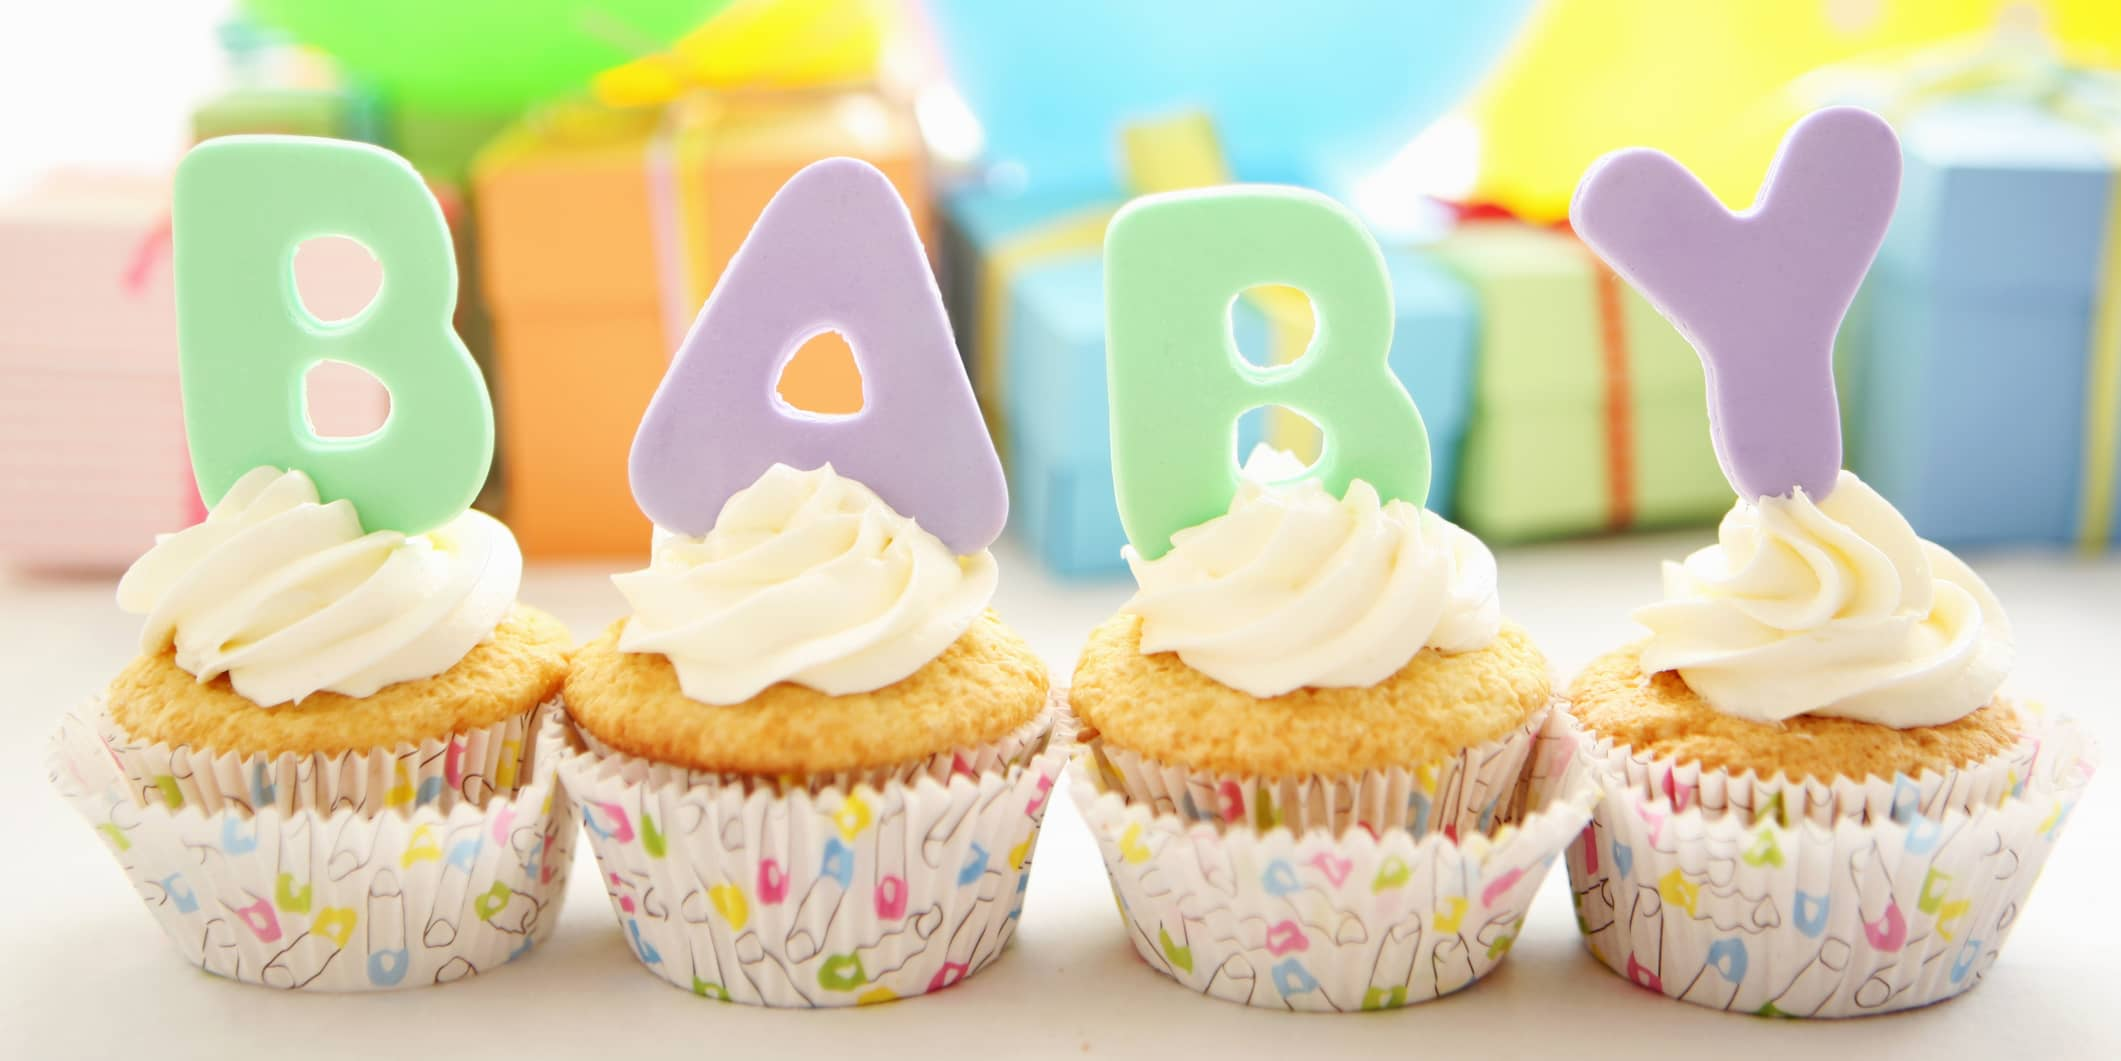 Cupcakes hører hjemme på en babyshower, og kan enkelt gjøres litt sunnere.